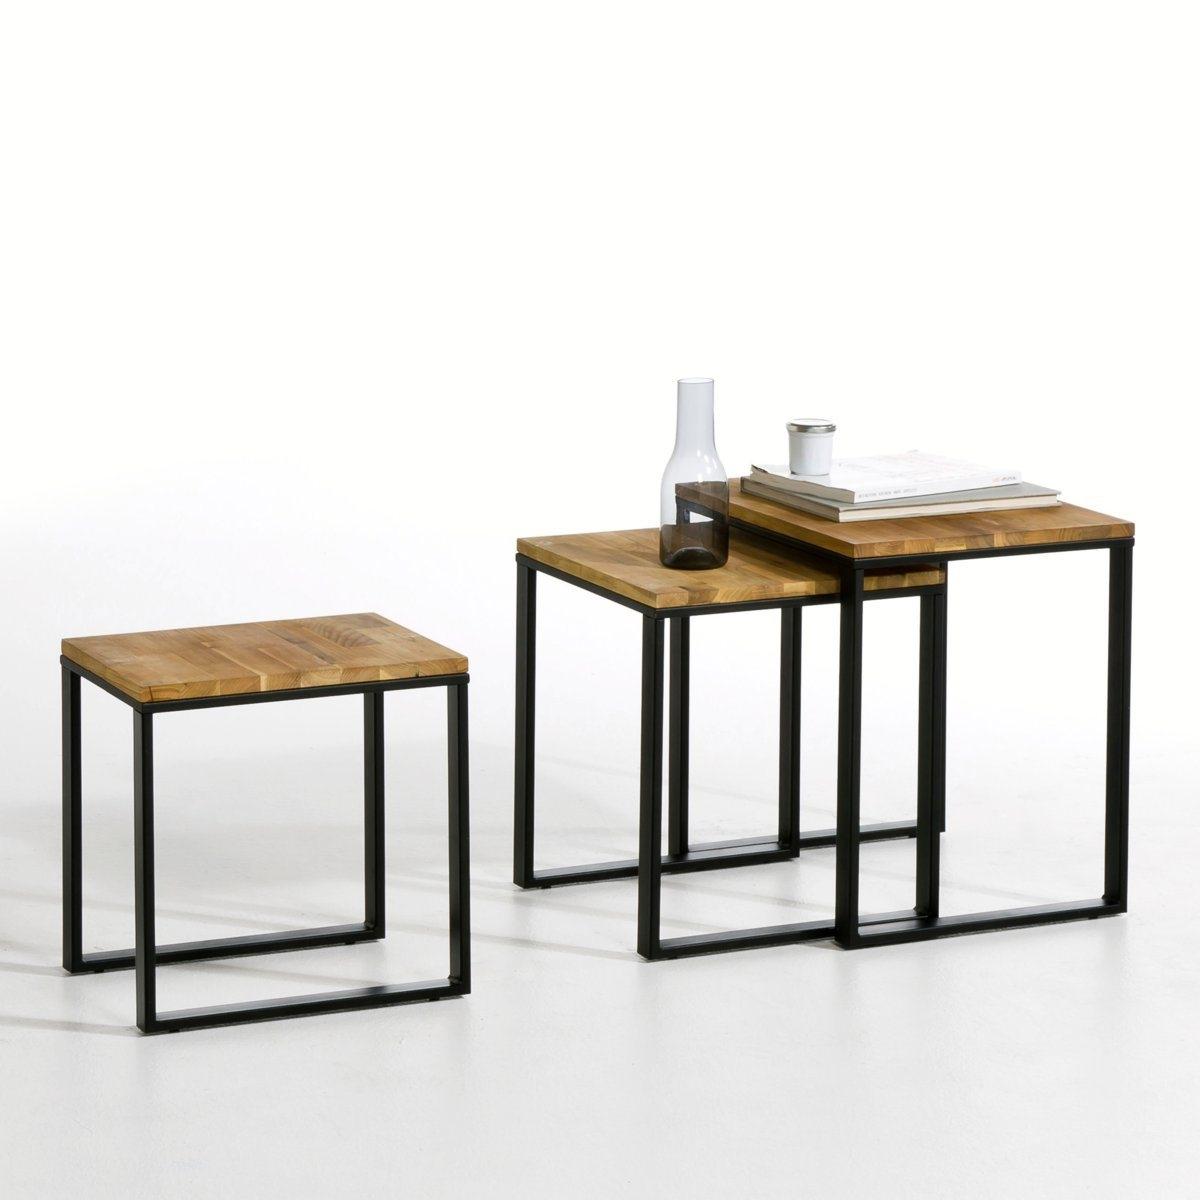 3 журнальных столика, вдвигающихся один в другой, Hiba3 стола, вдвигающихся один в другой, из массива дуба с соединением встык с пропиткой олифой, Hiba. Это модель создана по образу старой промышленной мебели, она очарует Вас своей сдержанностью и современным стилем под старину. Благородные материалы: дуб и сталь. Ножки салазки из стали, покрытые черным лаком, отделка под старину, чтобы создать эффект мебели мастерской. Описание столов, вдвигающихся один в другой, из дуба и стали Hiba : Каркас и ножки-салазки Защитные накладки на ножках. Характеристики столов, вдвигающихся один в другой, из дуба и стали Hiba : Столешница из массива дуба, пропитка олифой для сохранения натурального цвета дерева.Покрытие не требует специального ухода.Каркас и ножки из стали покрыты черным эпоксидным лаком, отделка под старину (создание слегка неравномерного рельефа) Всю коллекцию Hiba вы можете найти на сайте laredoute.ru.Размеры столов, вдвигающихся один в другой, из дуба и стали Hiba : Большой стол :Ширина : 50 смВысота : 50 смГлубина : 40 смСредний стол : Ширина : 40 смВысота : 45 смГлубина : 40 см Маленький стол : Ширина : 30 смВысота : 40 смГлубина : 40 смРазмеры и вес упаковки :1 упаковкаШ.60 x В.30 x Г.52 см 20 кгДоставка:Товар продается в разобранном виде.Доставка на этаж по предварительной договоренности!Внимание! Убедитесь, что товар возможно доставить, учитывая его габариты (проходит в дверные проемы, лифты, по лестницам).<br><br>Цвет: ореховый